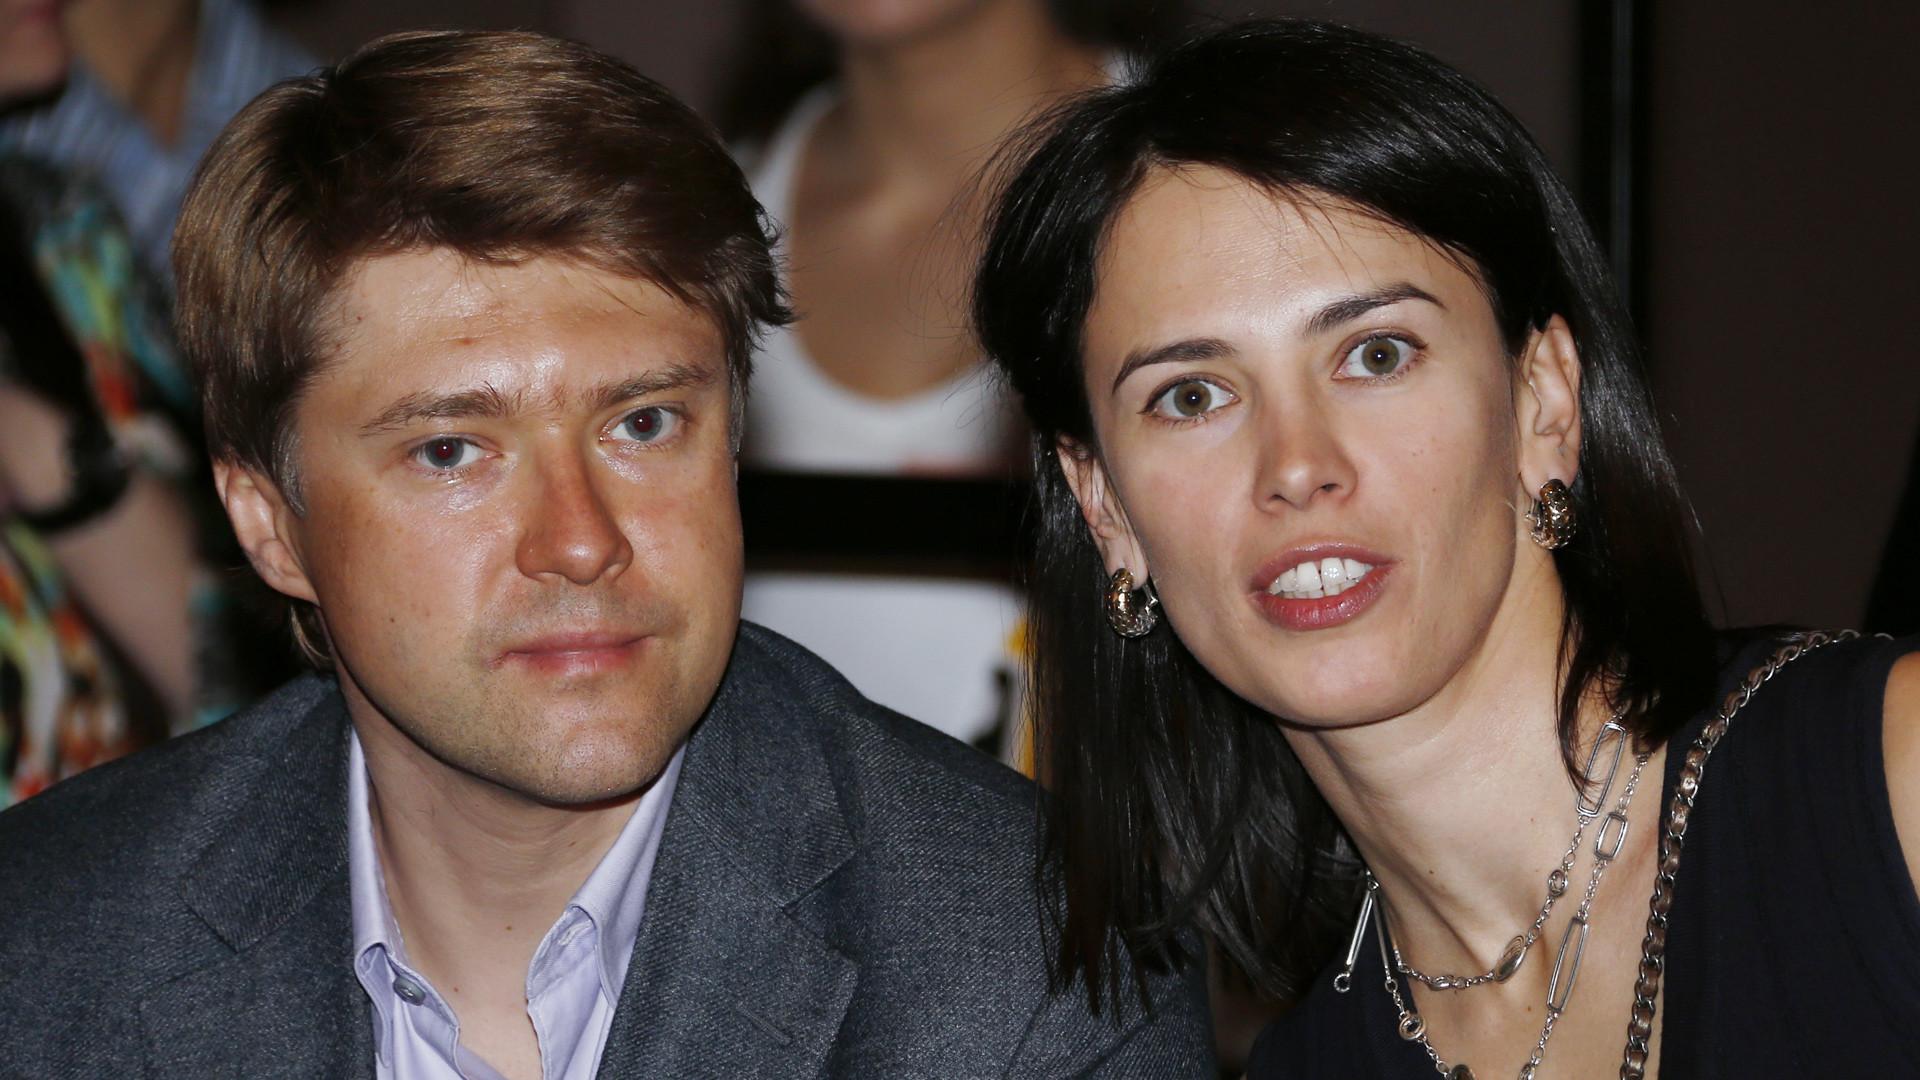 Владимир Ашурков и Александрина Маркво. Фото: © РИА Новости/Валерий Левитин